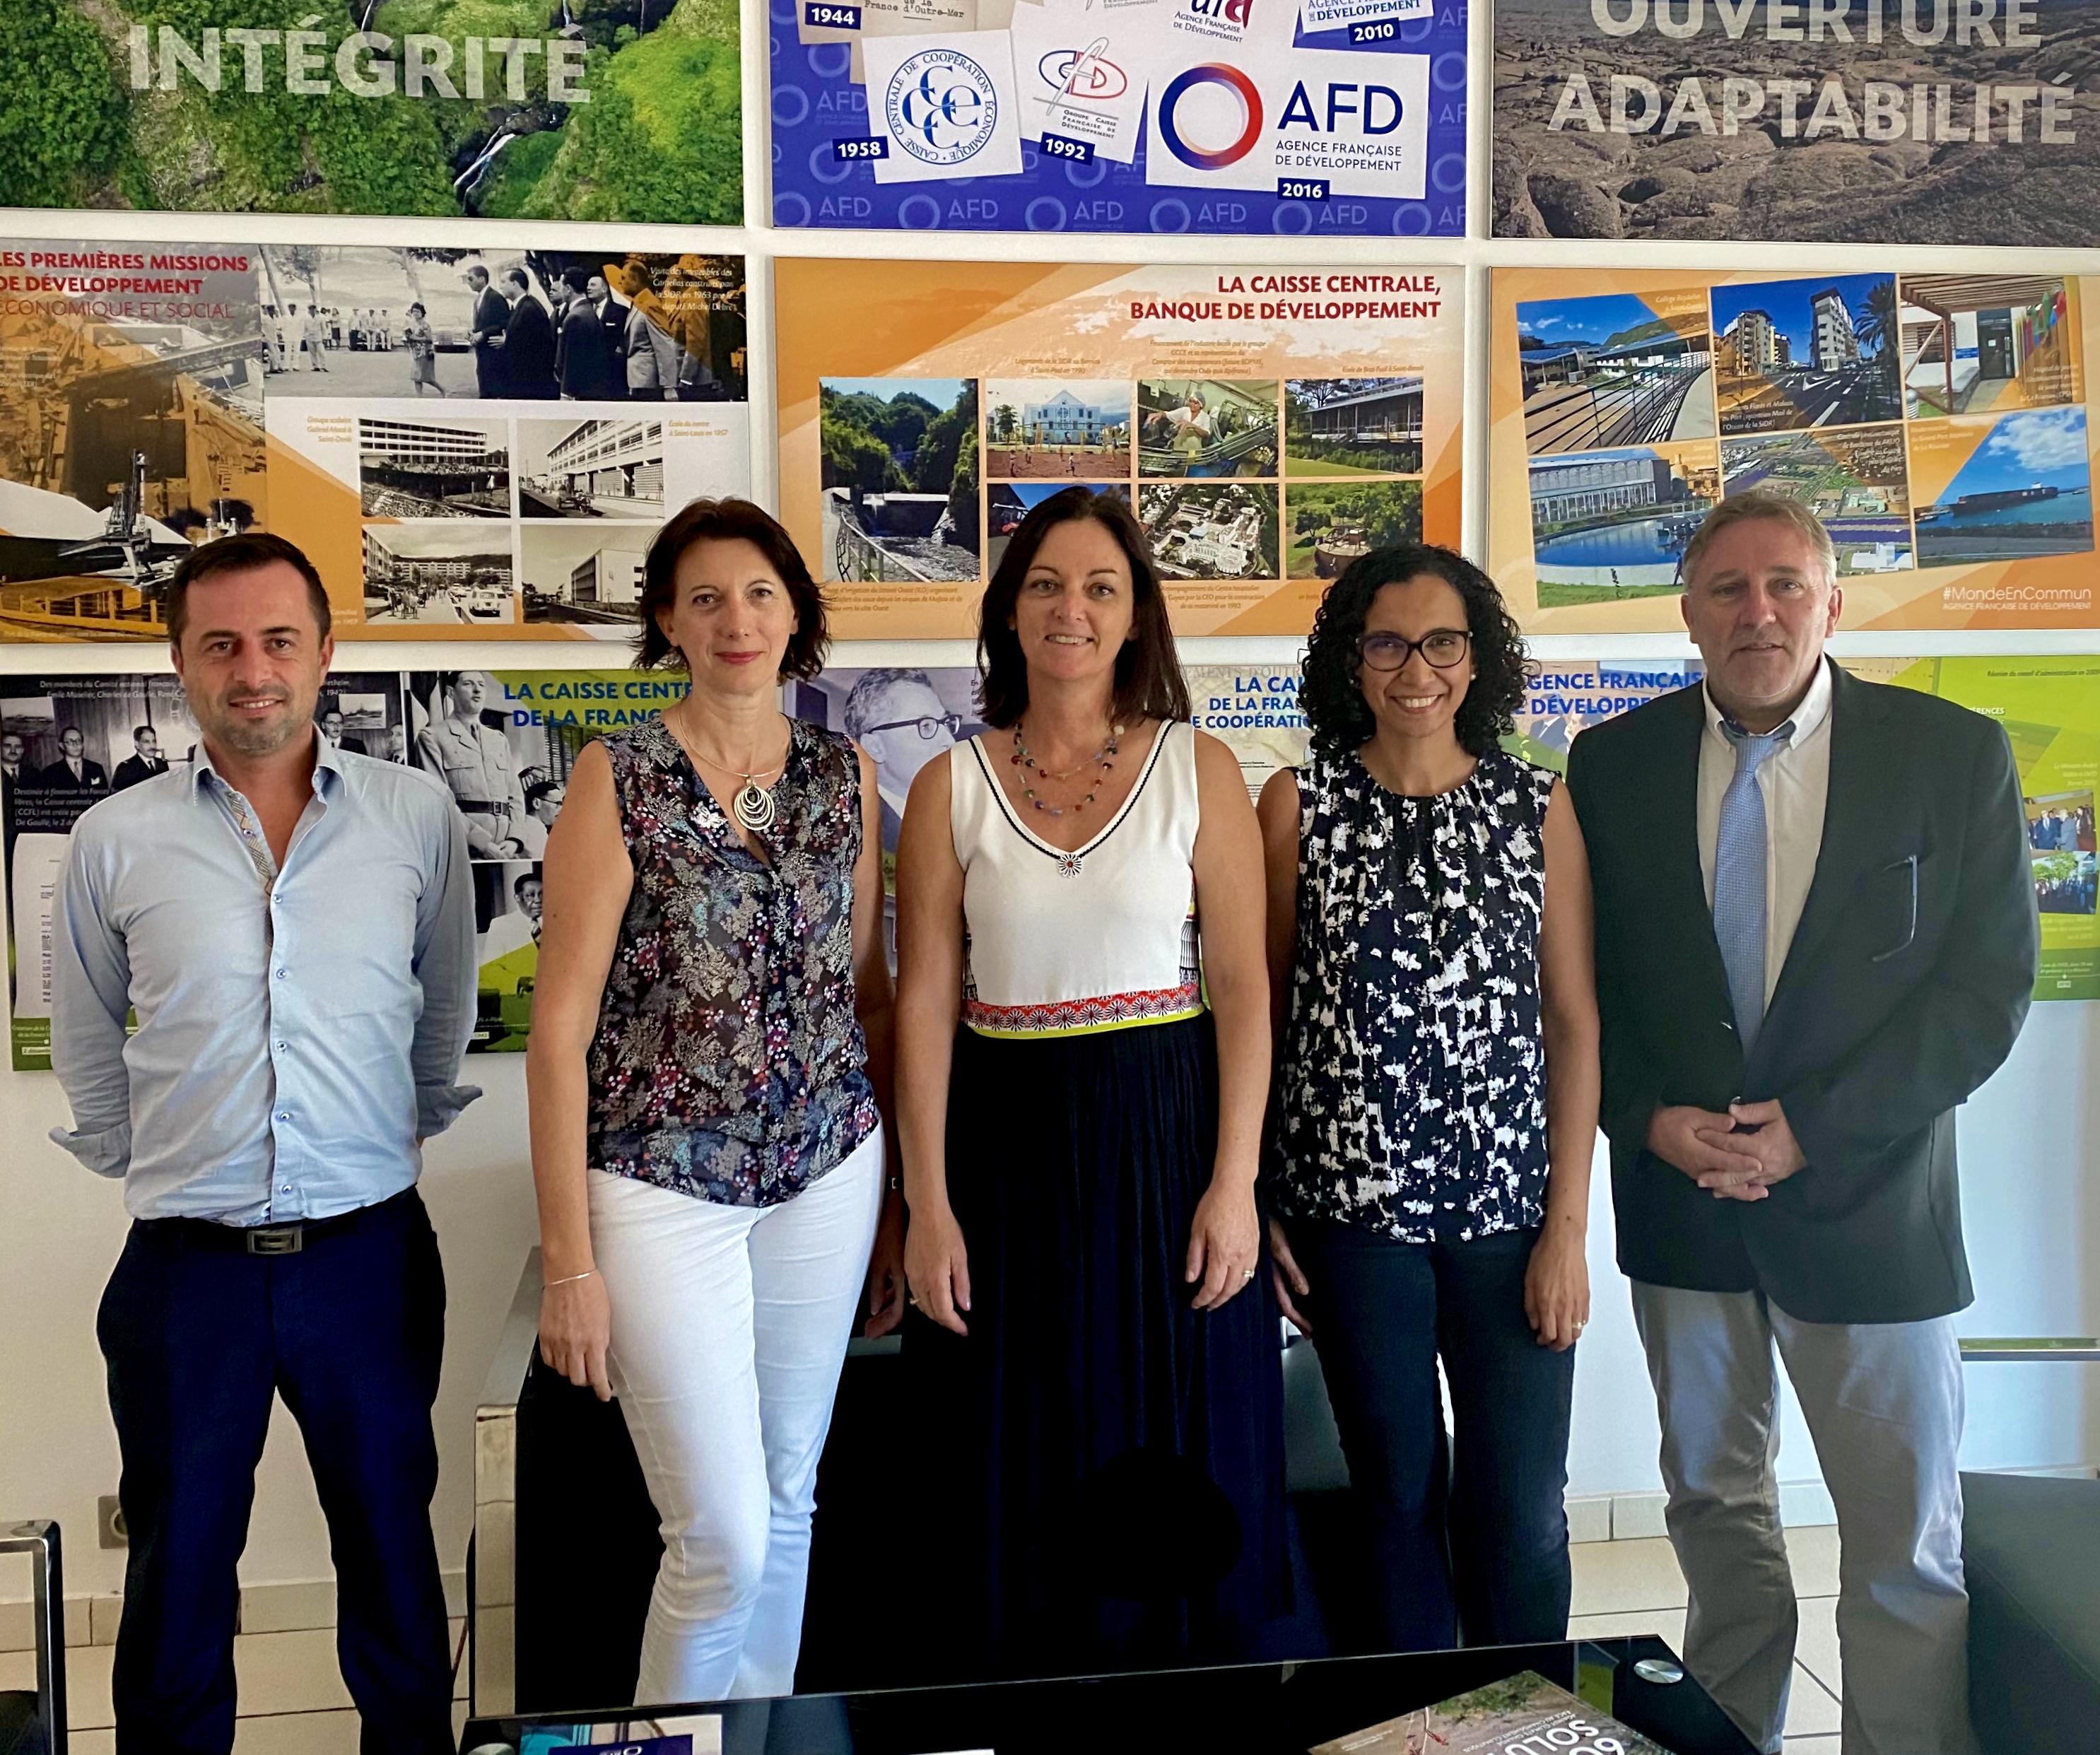 Réunion avec l'Agence Française de Développement pour présenter les projets structurants Odyssea du Territoire de la Côte Ouest